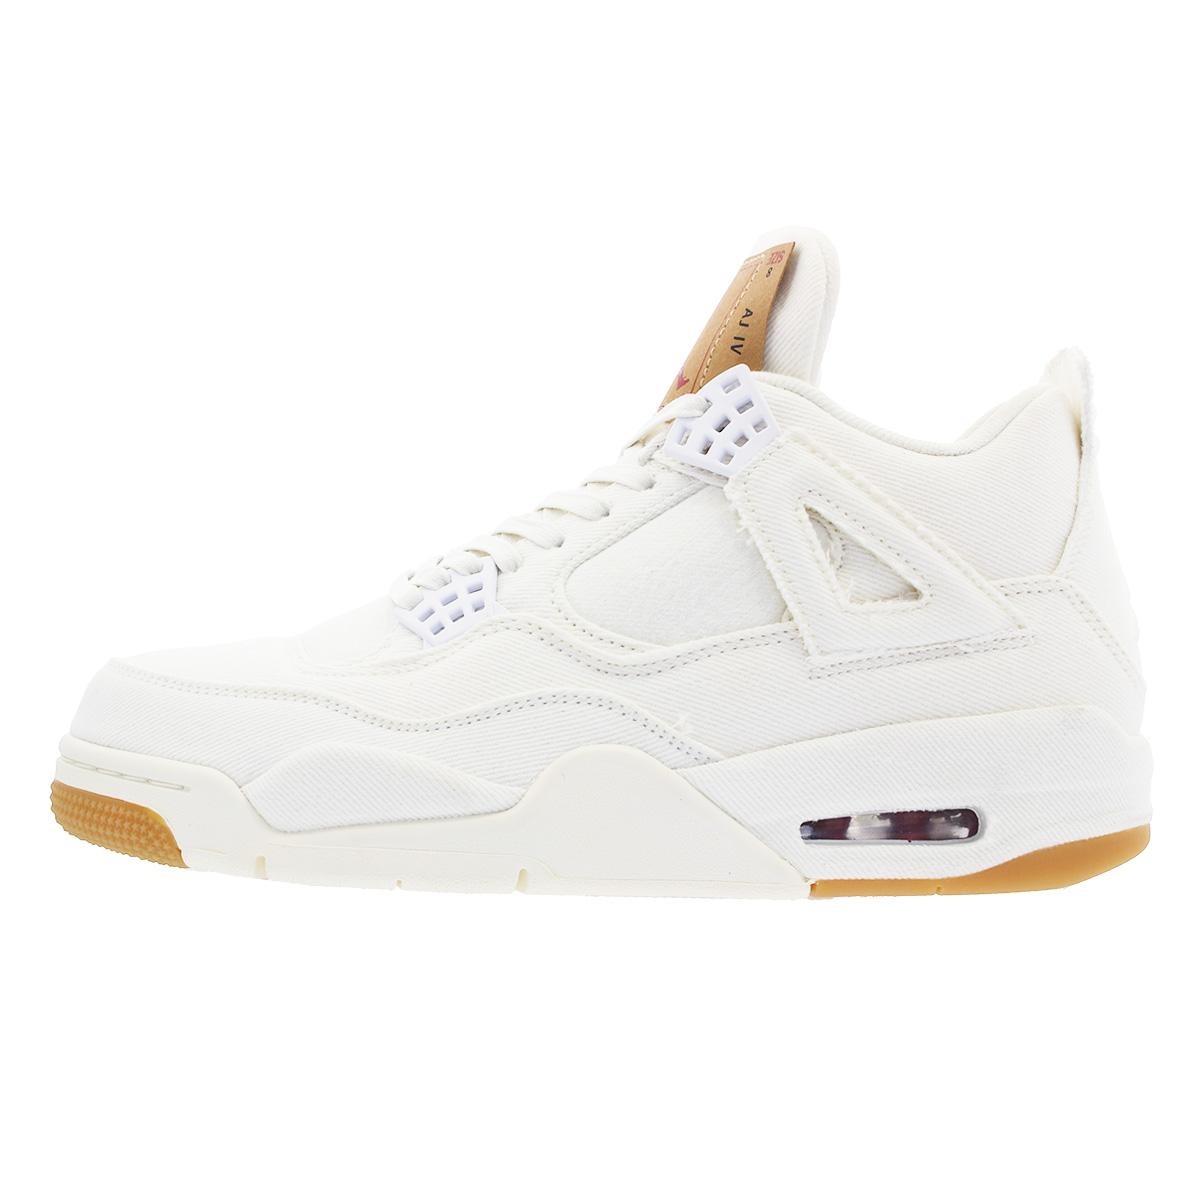 1390c3c62451c8 NIKE AIR JORDAN 4 RETRO NRG Nike air Jordan 4 nostalgic NRG Levis WHITE WHITE  ao2571-100